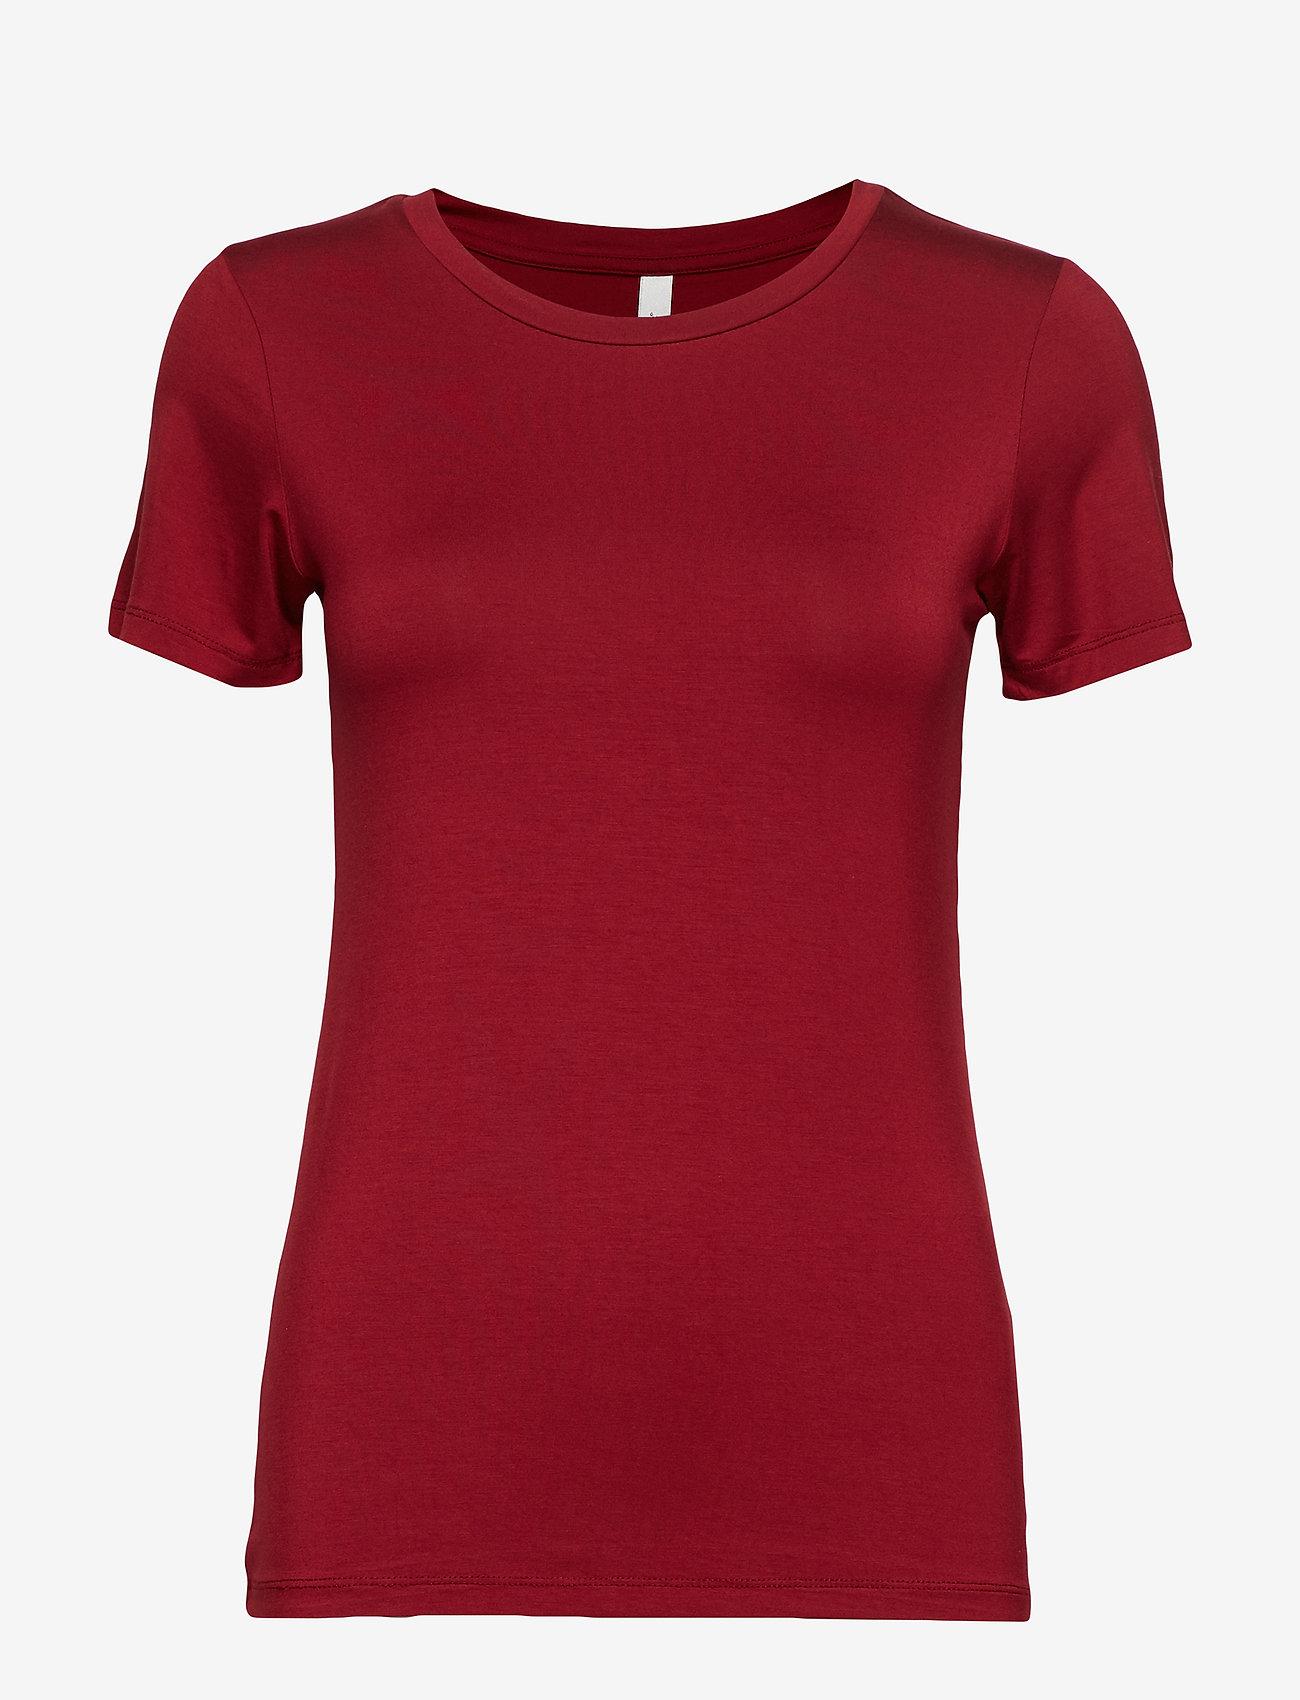 Soyaconcept - SC-MARICA - t-shirts basiques - cabernet